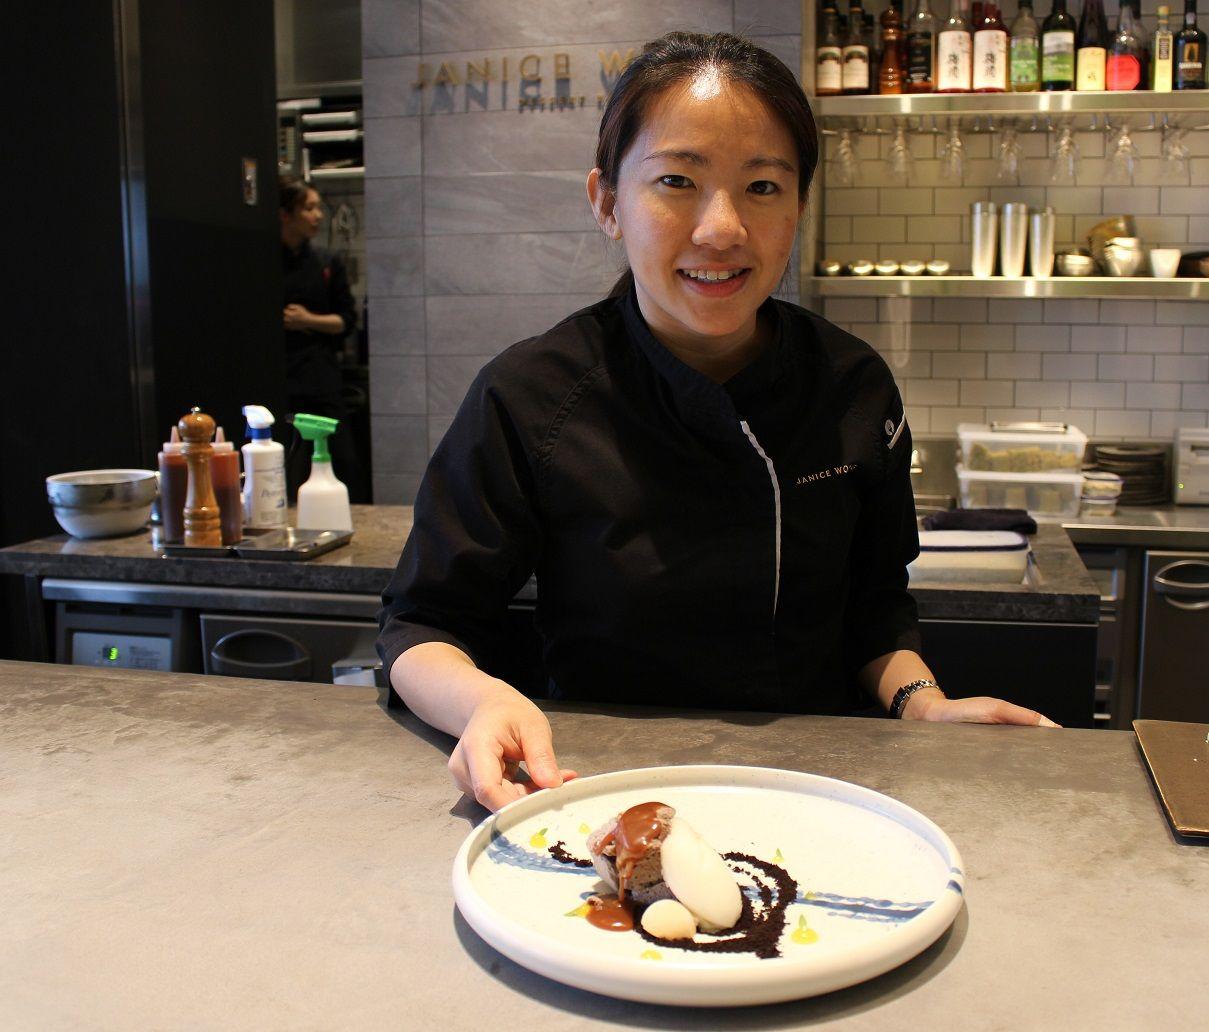 新宿「ジャニス・ウォン」!アジアが誇る若き世界のシェフ・ジャニスのアーティスティックなデザート